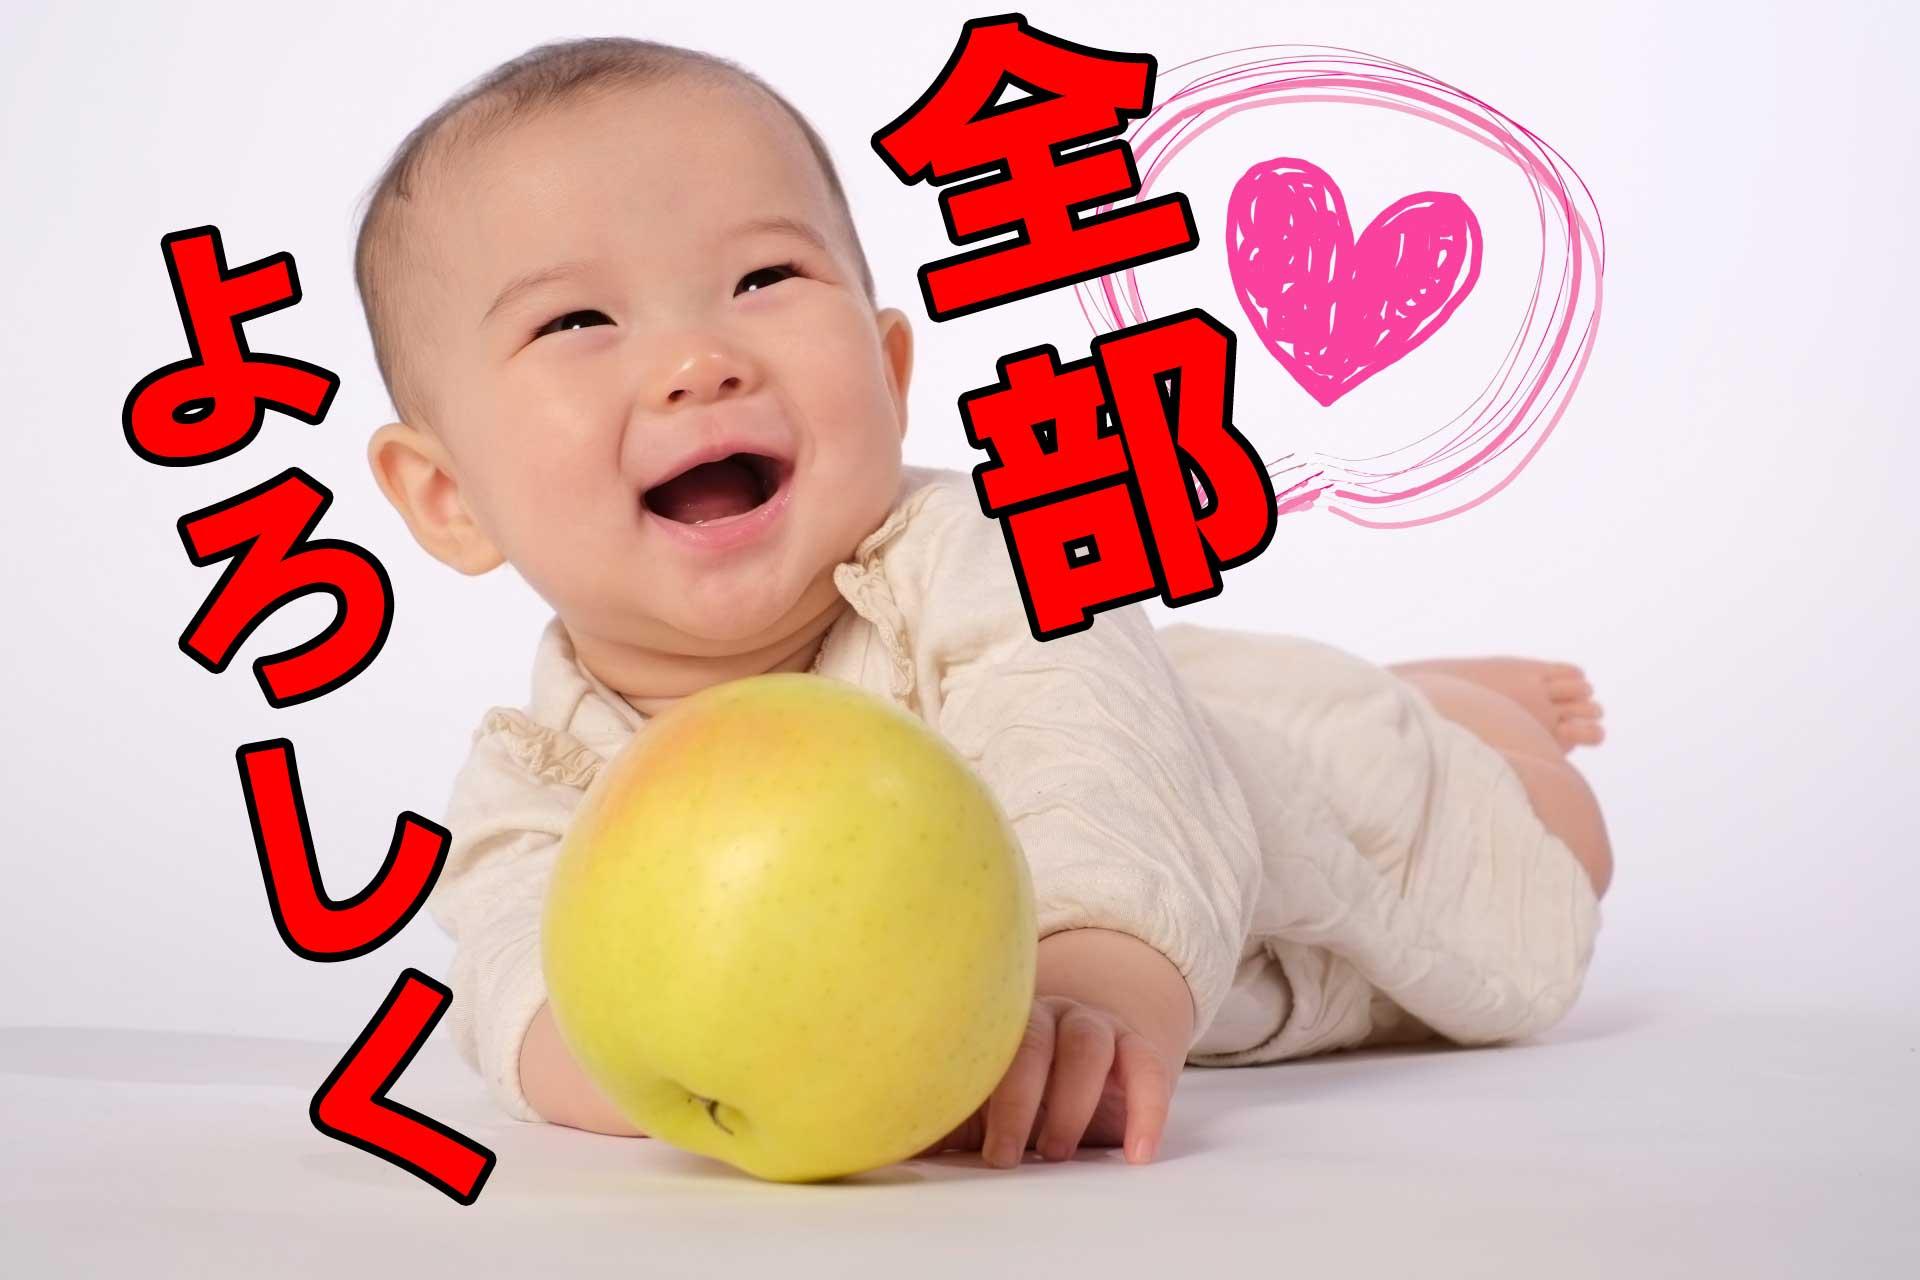 「全部よろしく」のテキストと笑顔の赤ちゃん